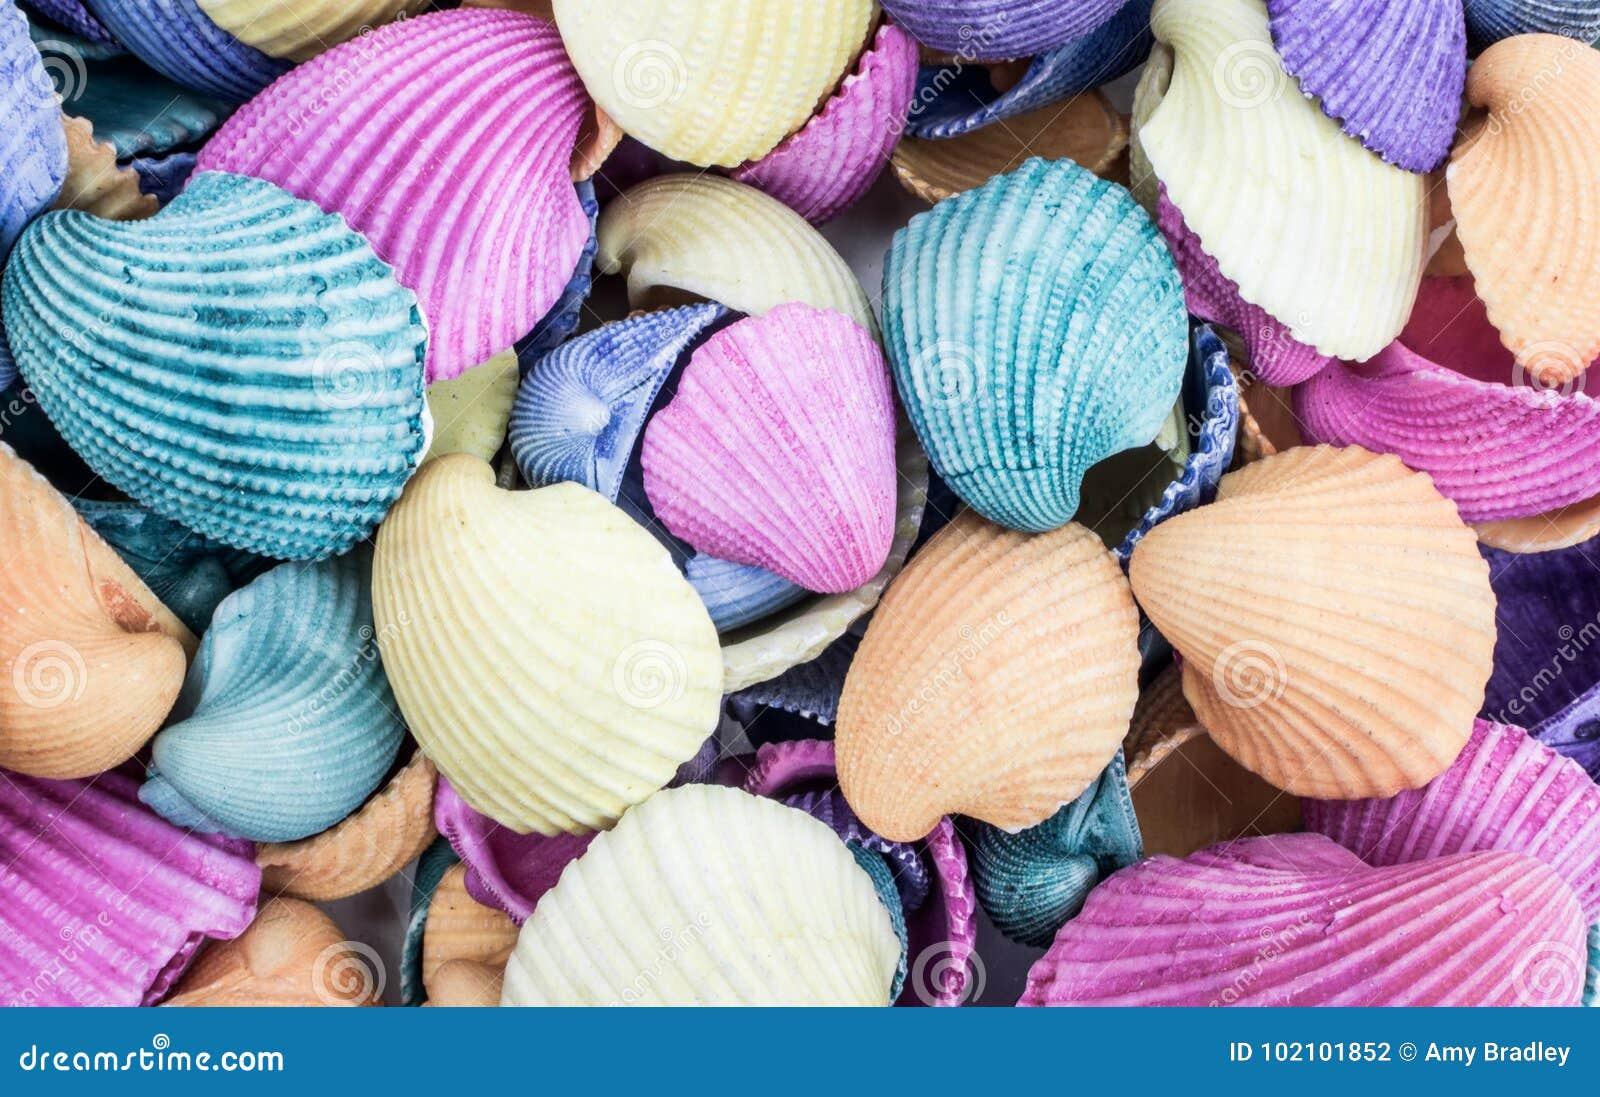 Antiguidade sortido conchas do mar coloridas